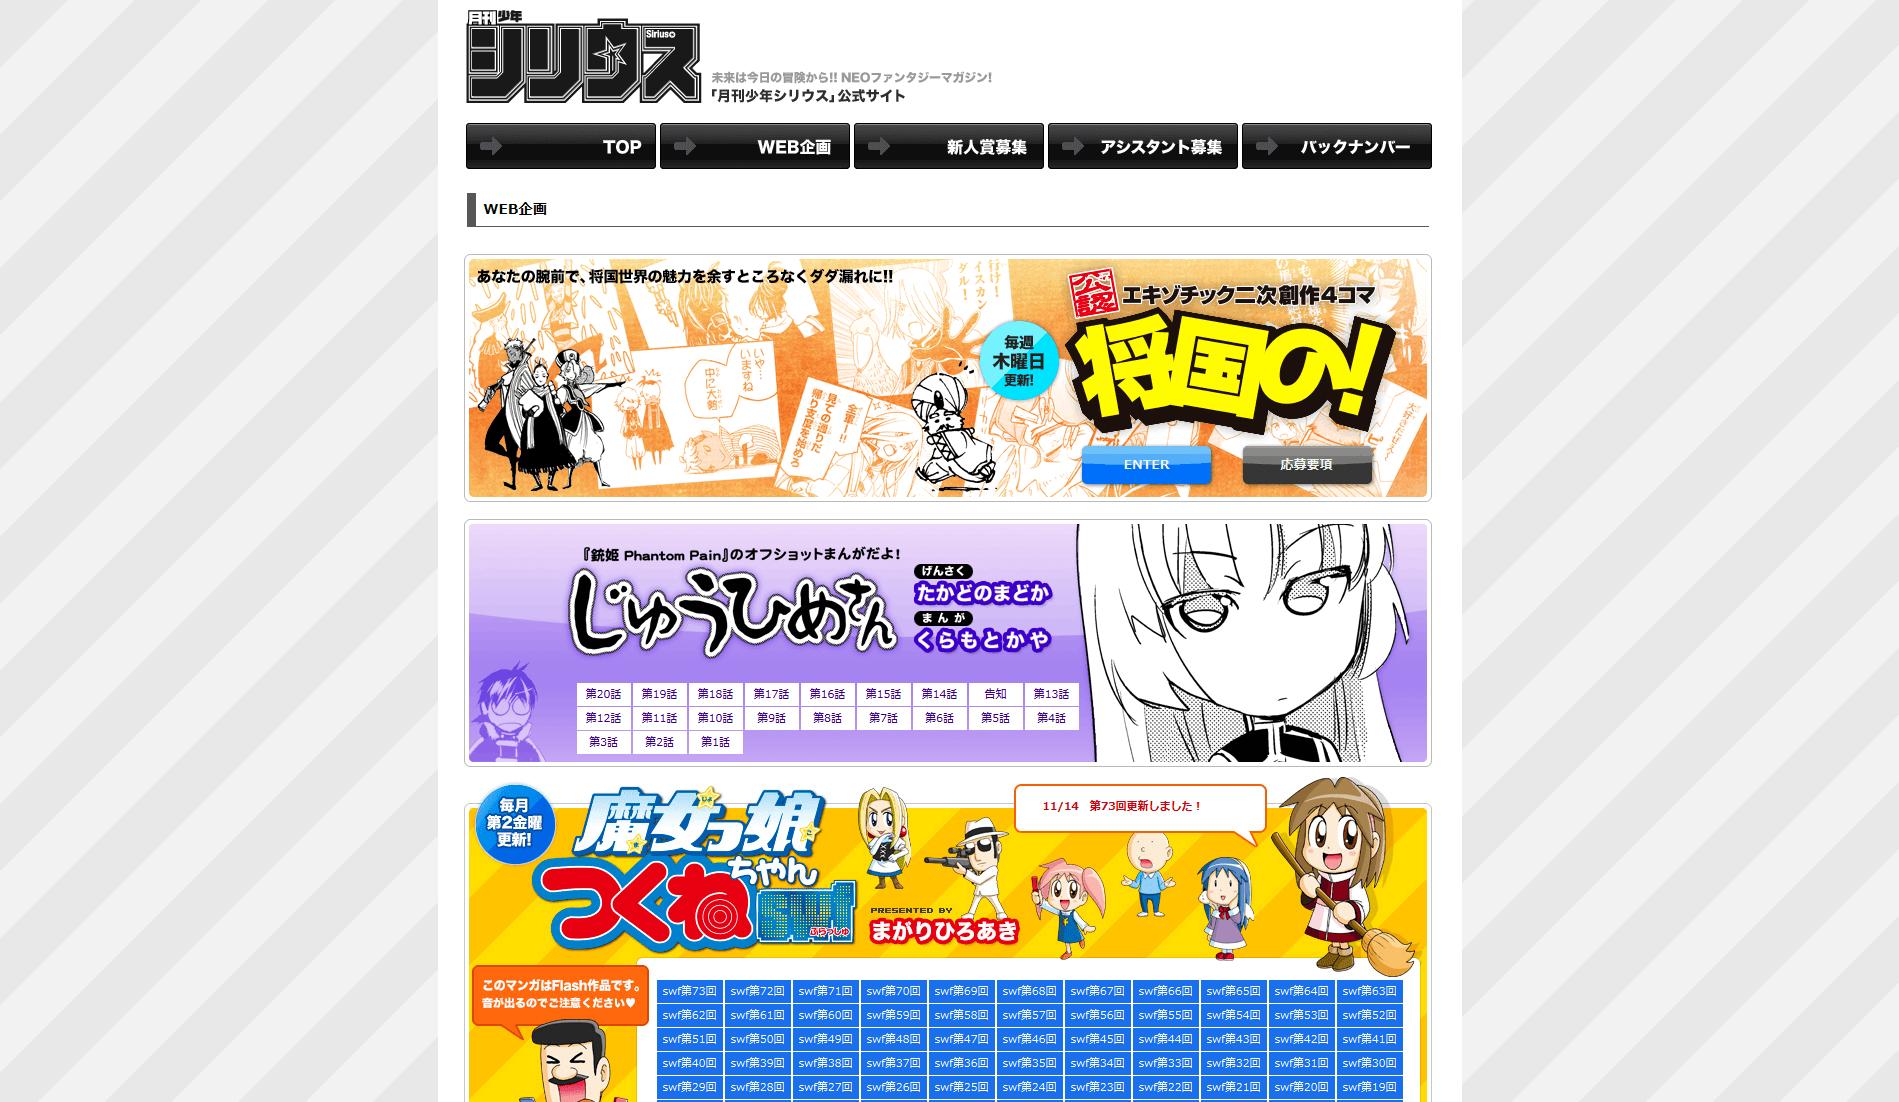 月刊「少年シリウス」公式サイト|月刊少年シリウス|講談社コミックプラス